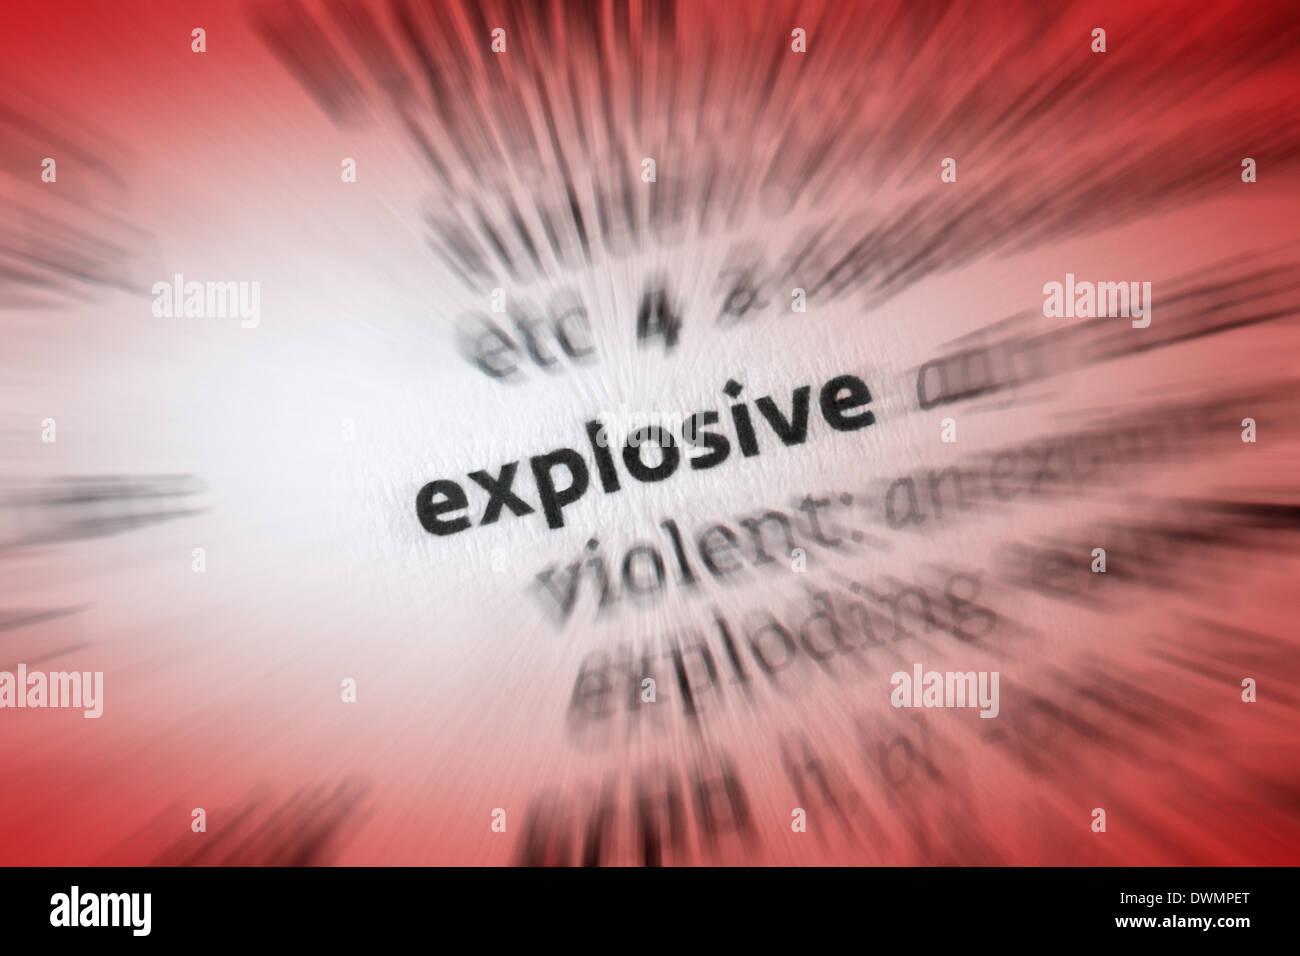 Explosive - Stock Image